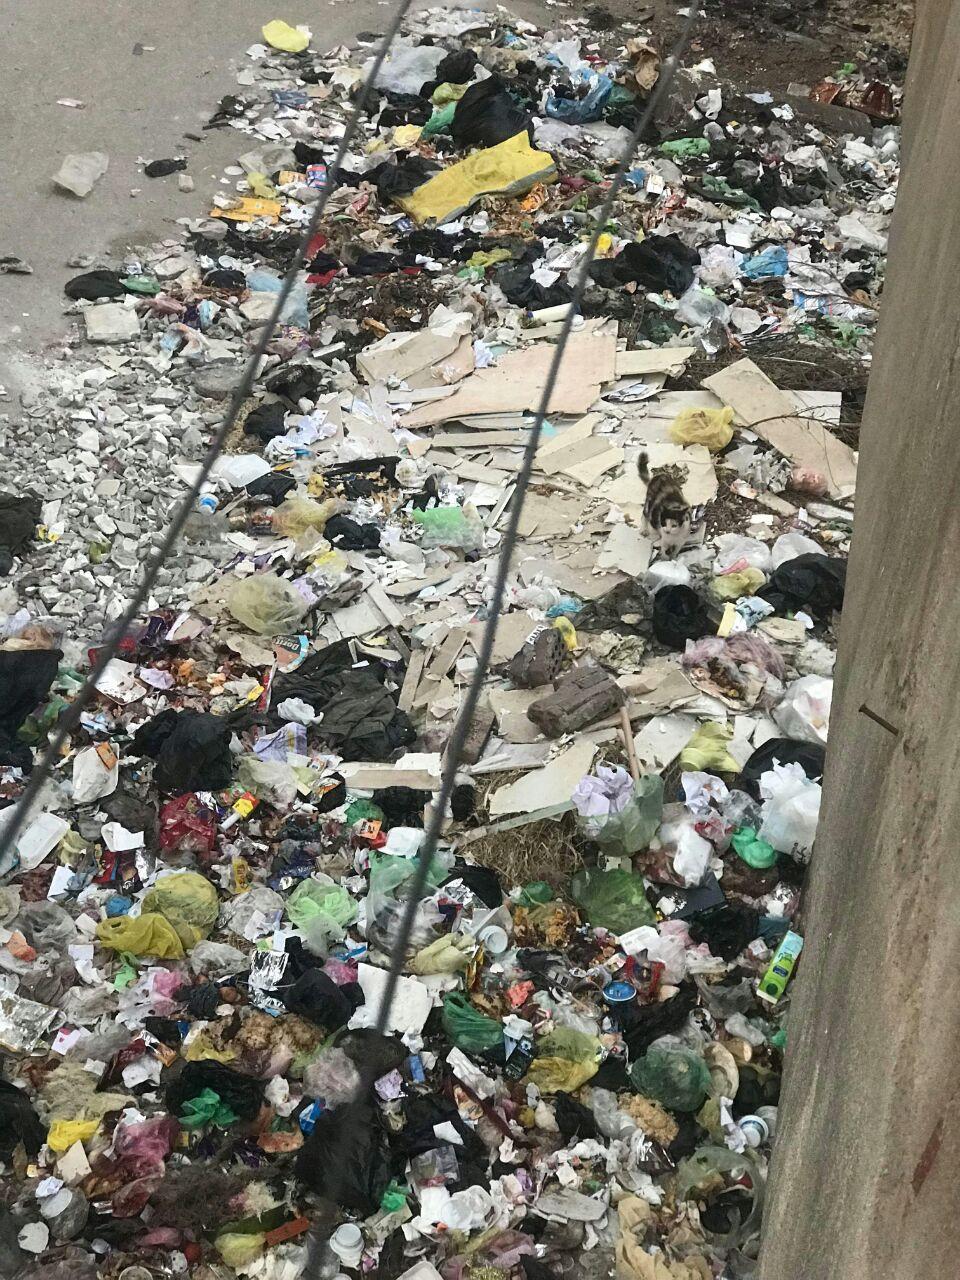 القمامة بجوار الوحدة الصحية بمنطقة الورش (2)